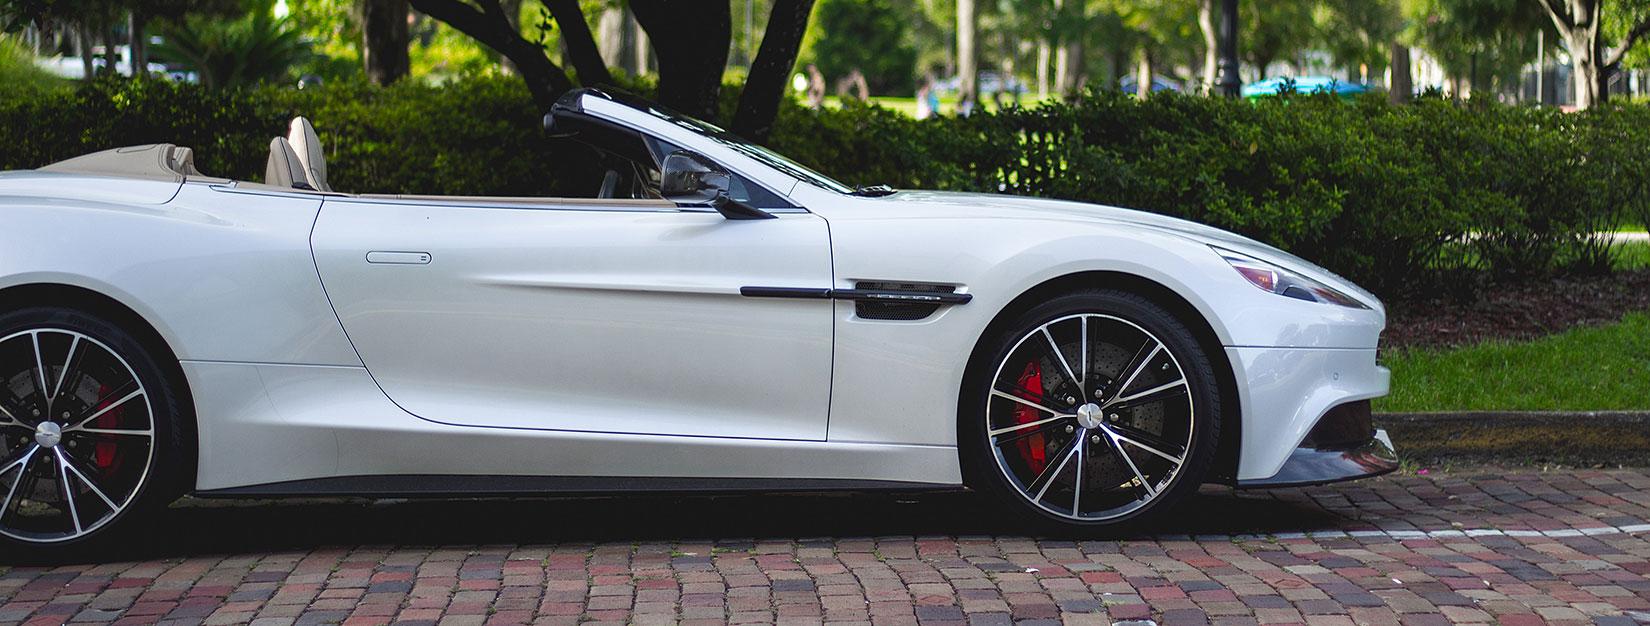 Jaguar convertible with low long front bumper